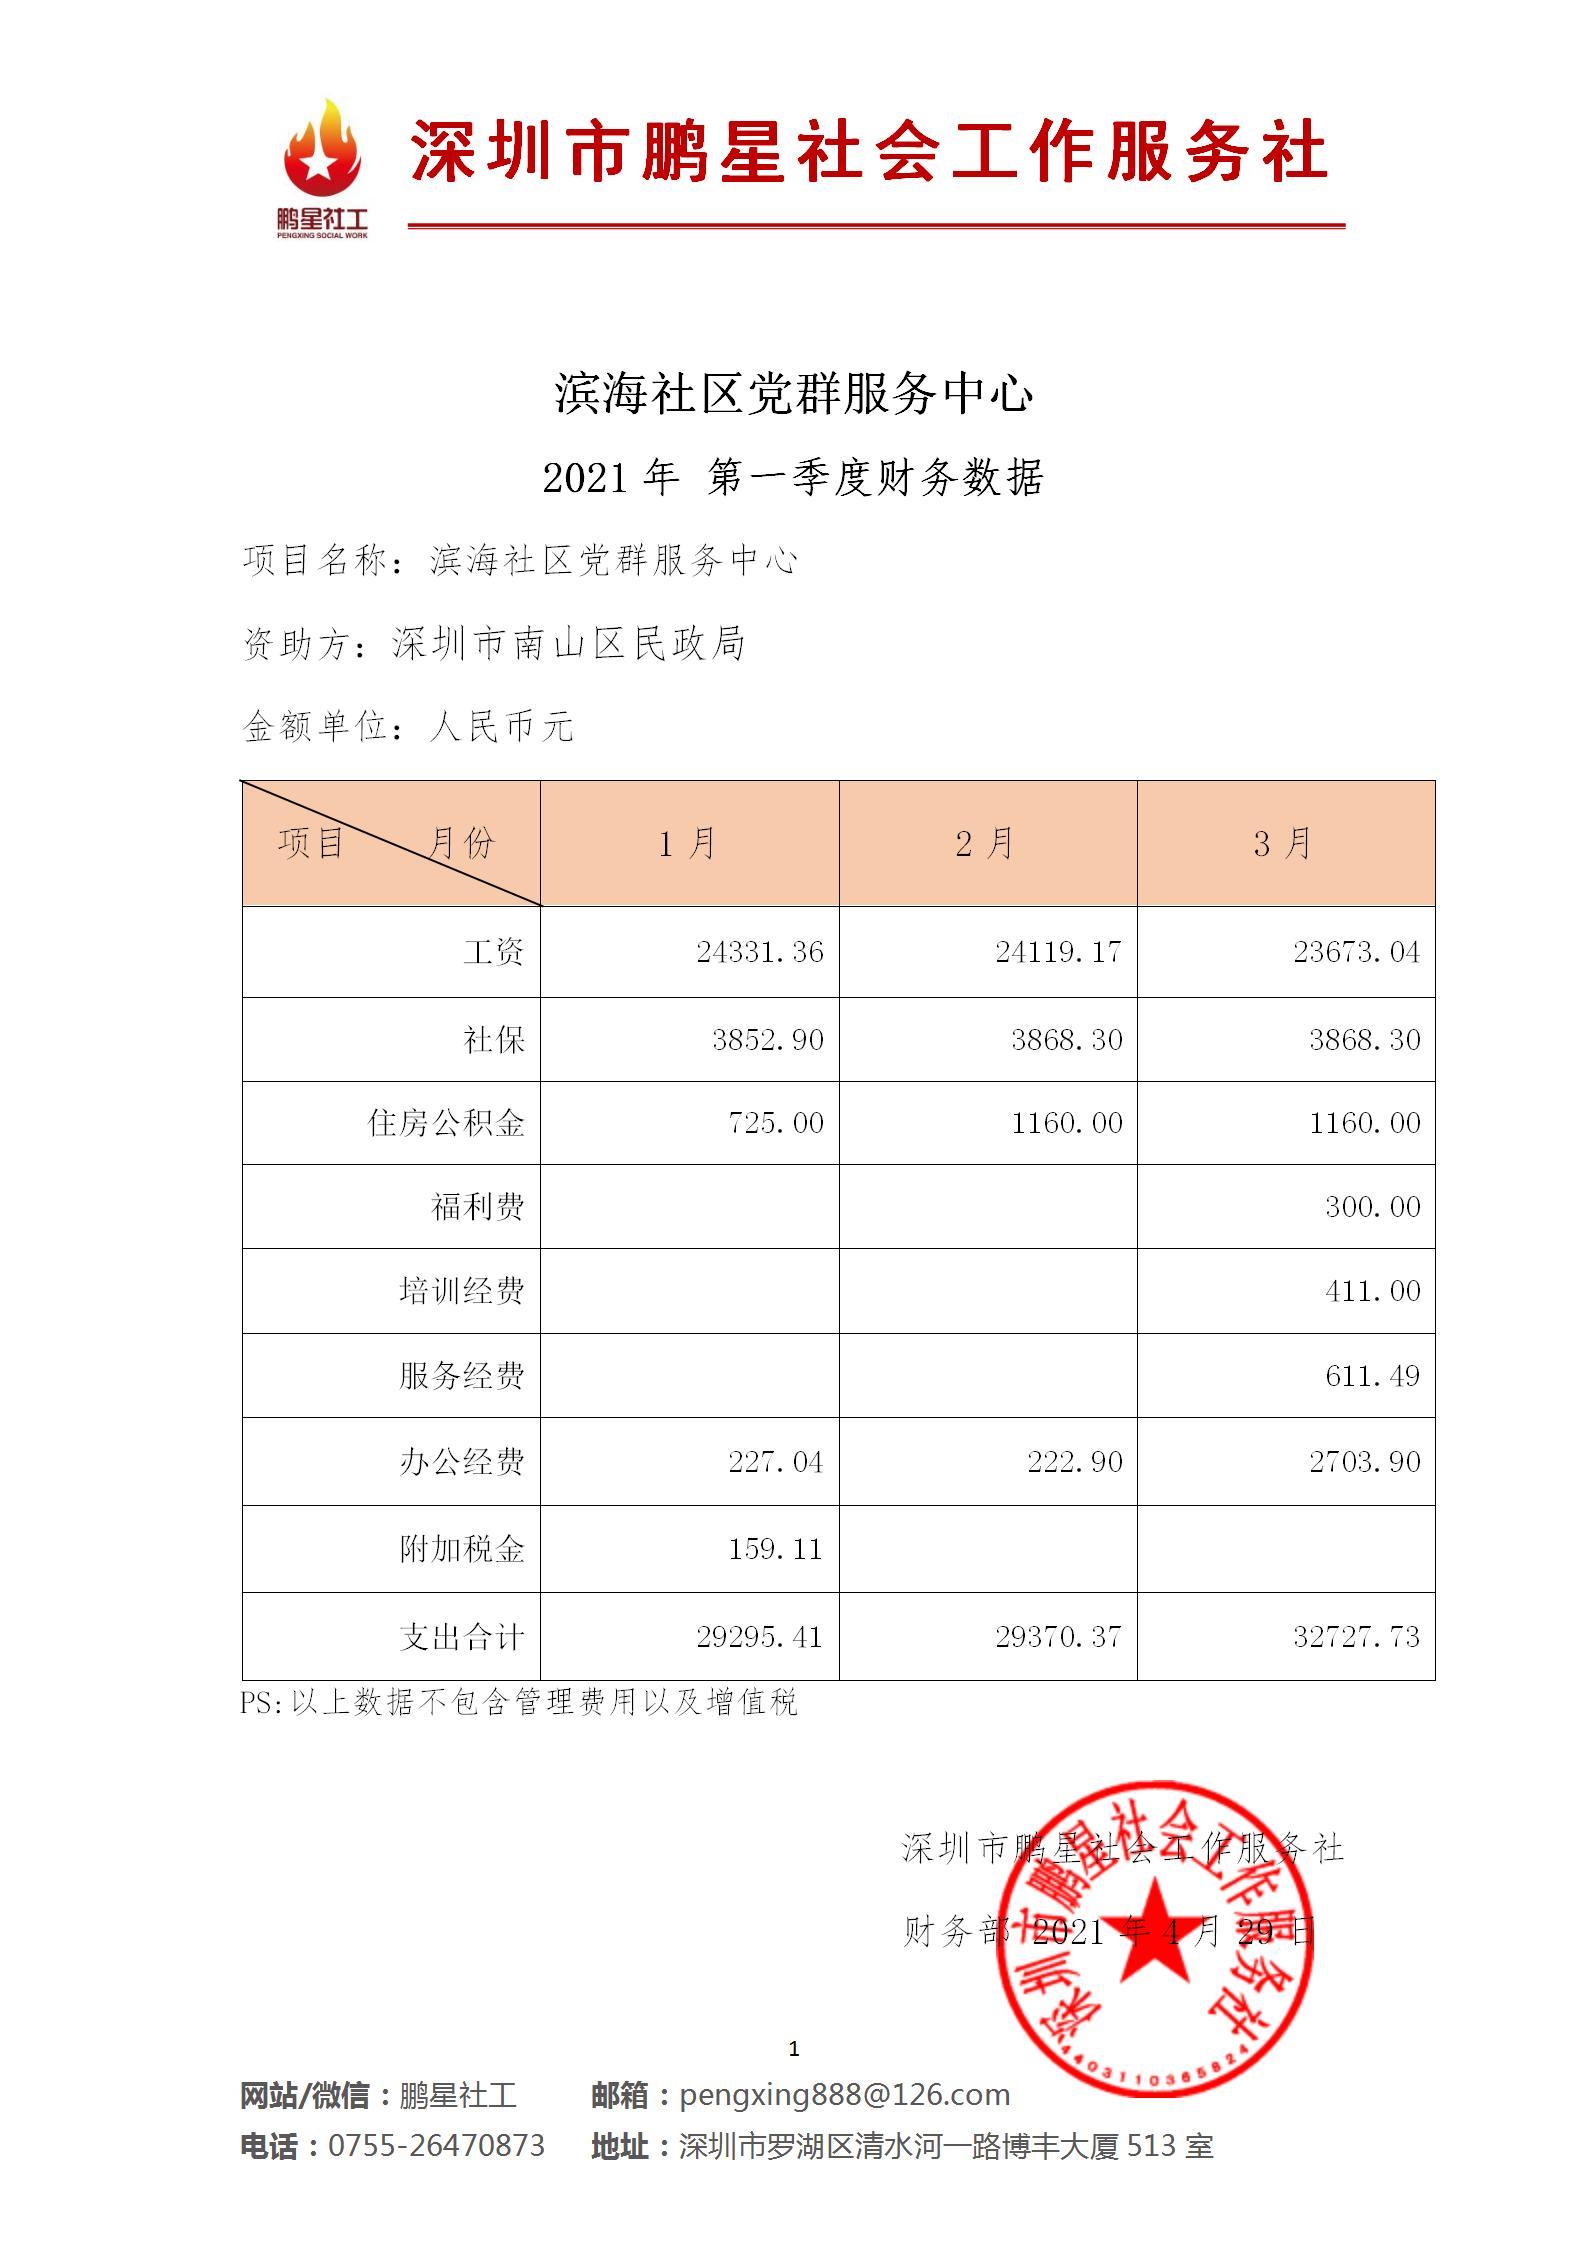 【公示】2021年第一季度财务数...